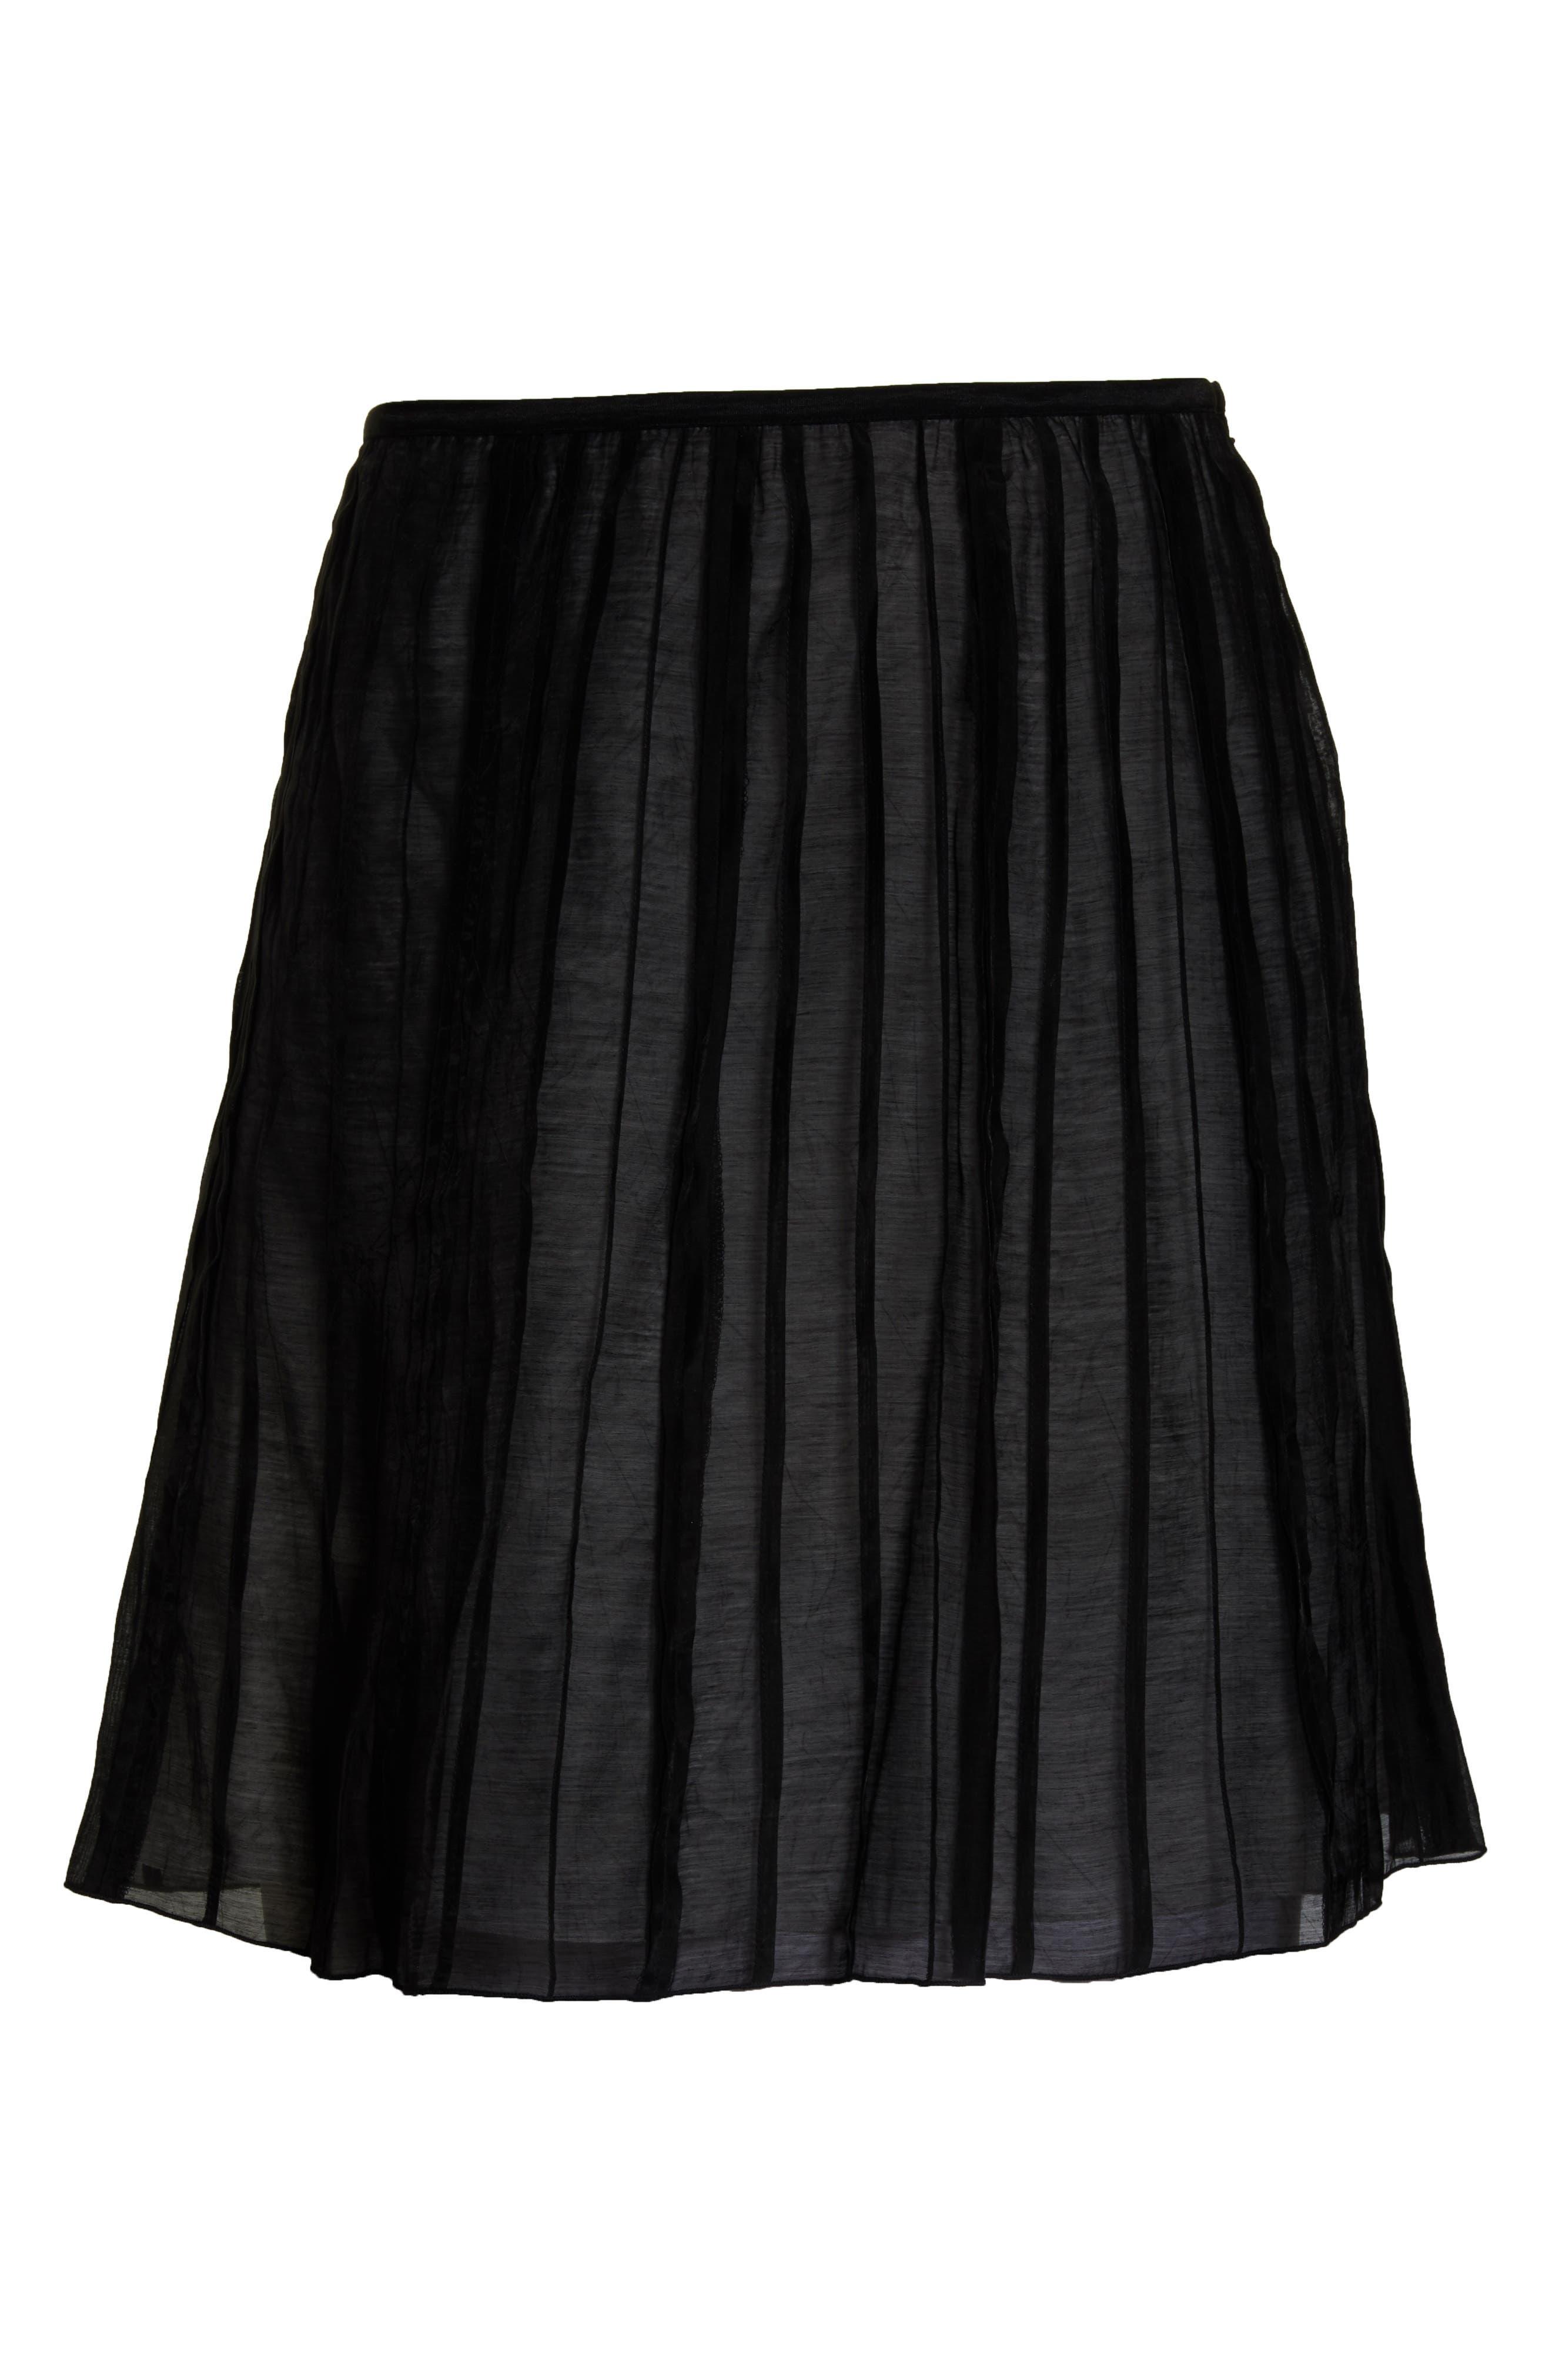 Batiste Flirt Skirt,                             Alternate thumbnail 6, color,                             BLACK ONYX